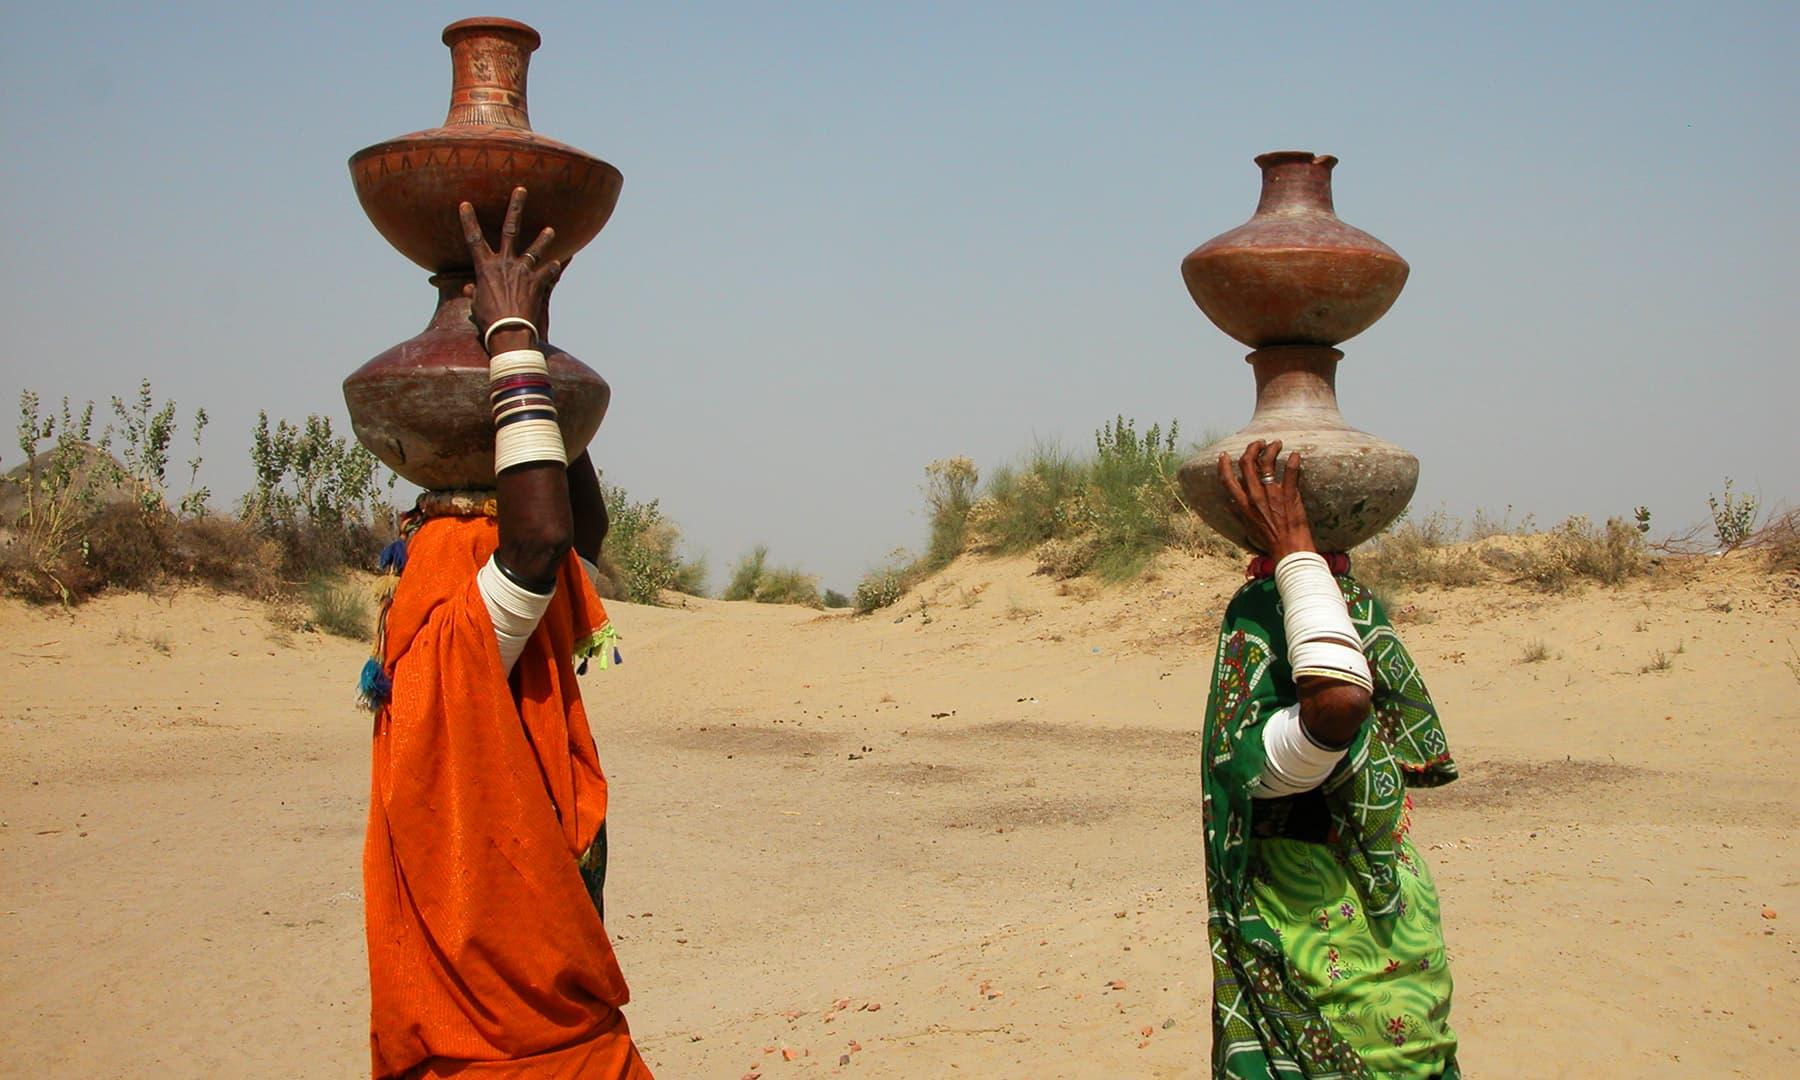 تھری خواتین —تصویر عبیداللہ کیہر